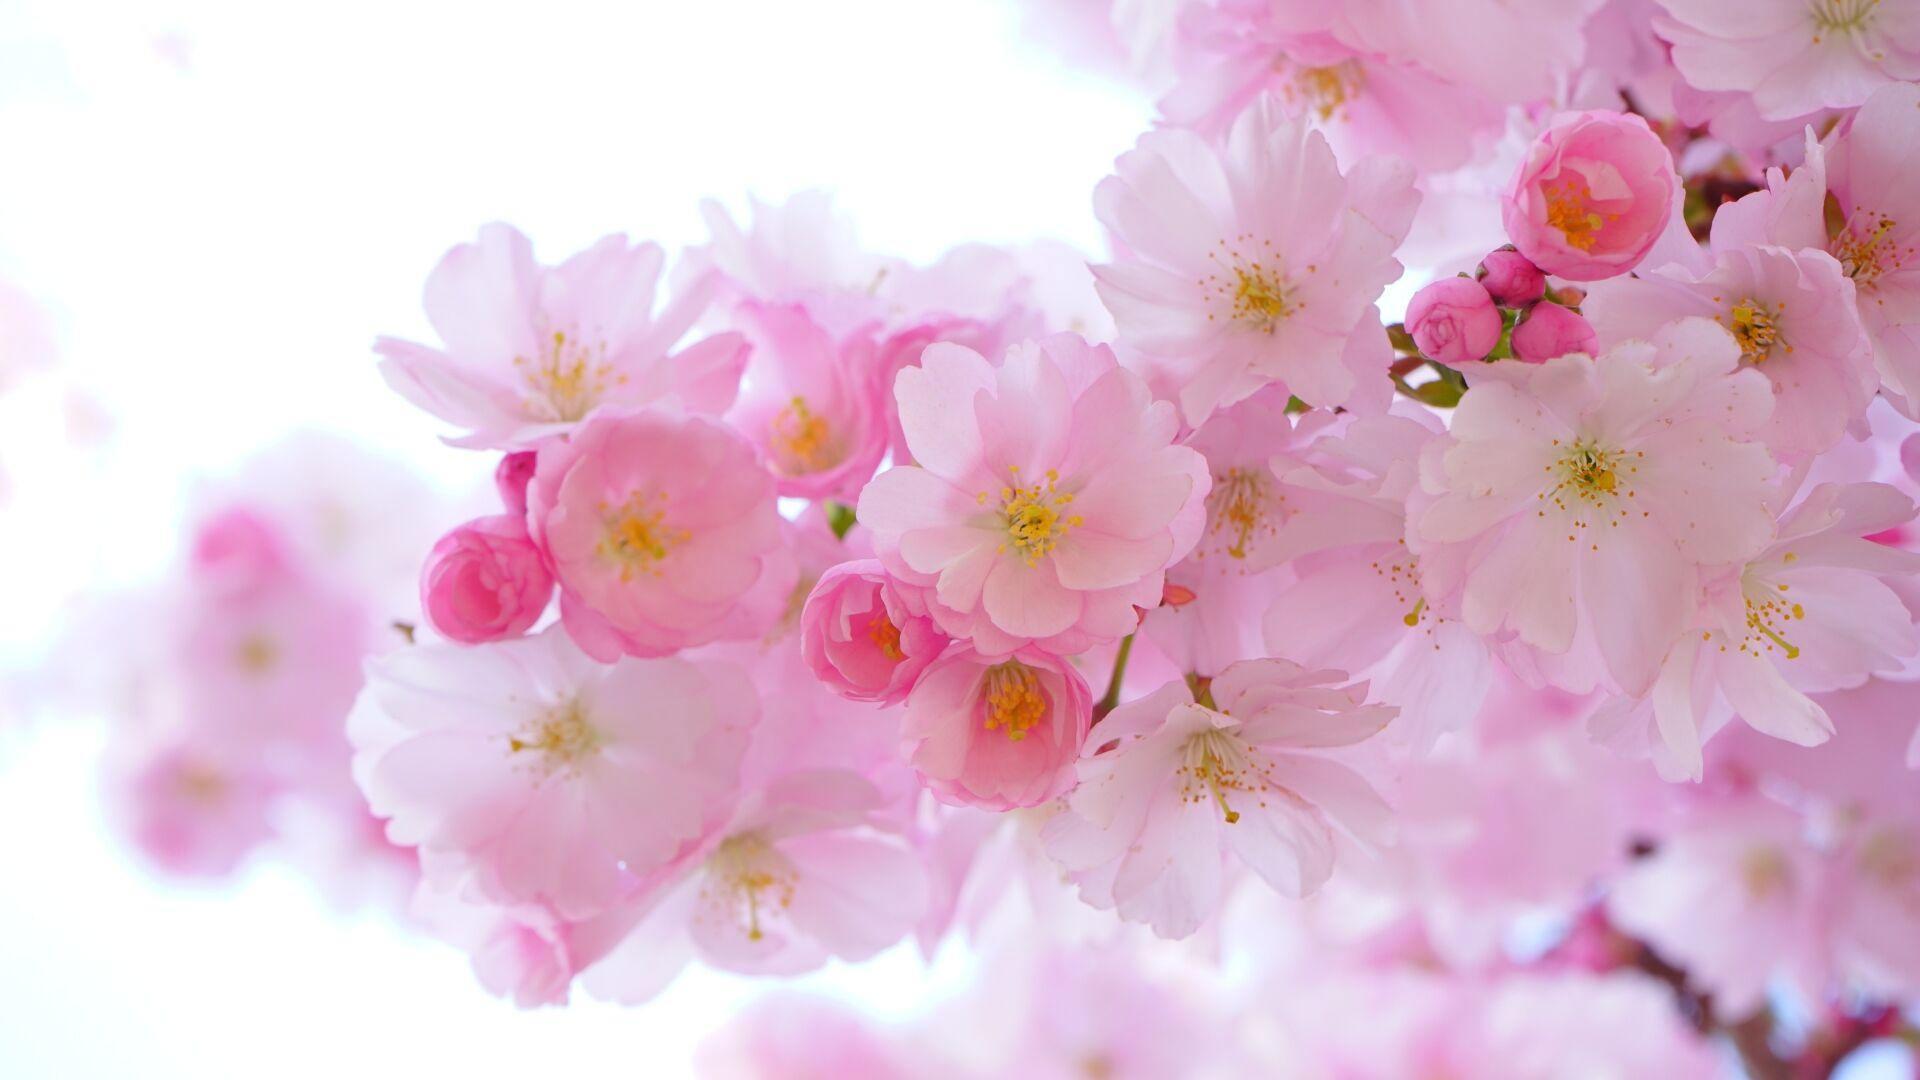 Bloom Blossom Cherry Blossom 54630